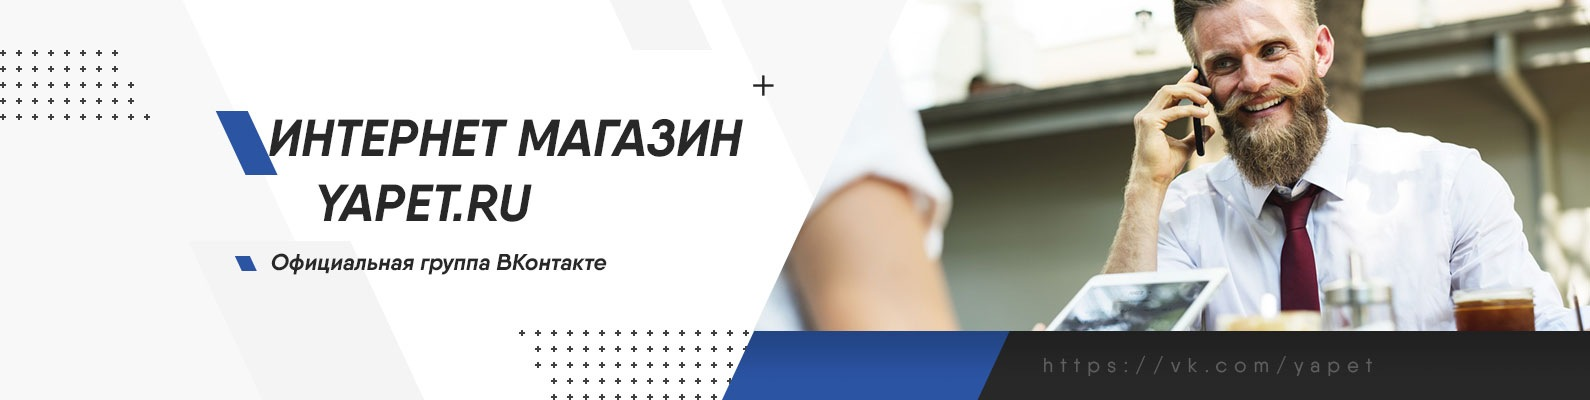 b57d3417631 Yapet.ru